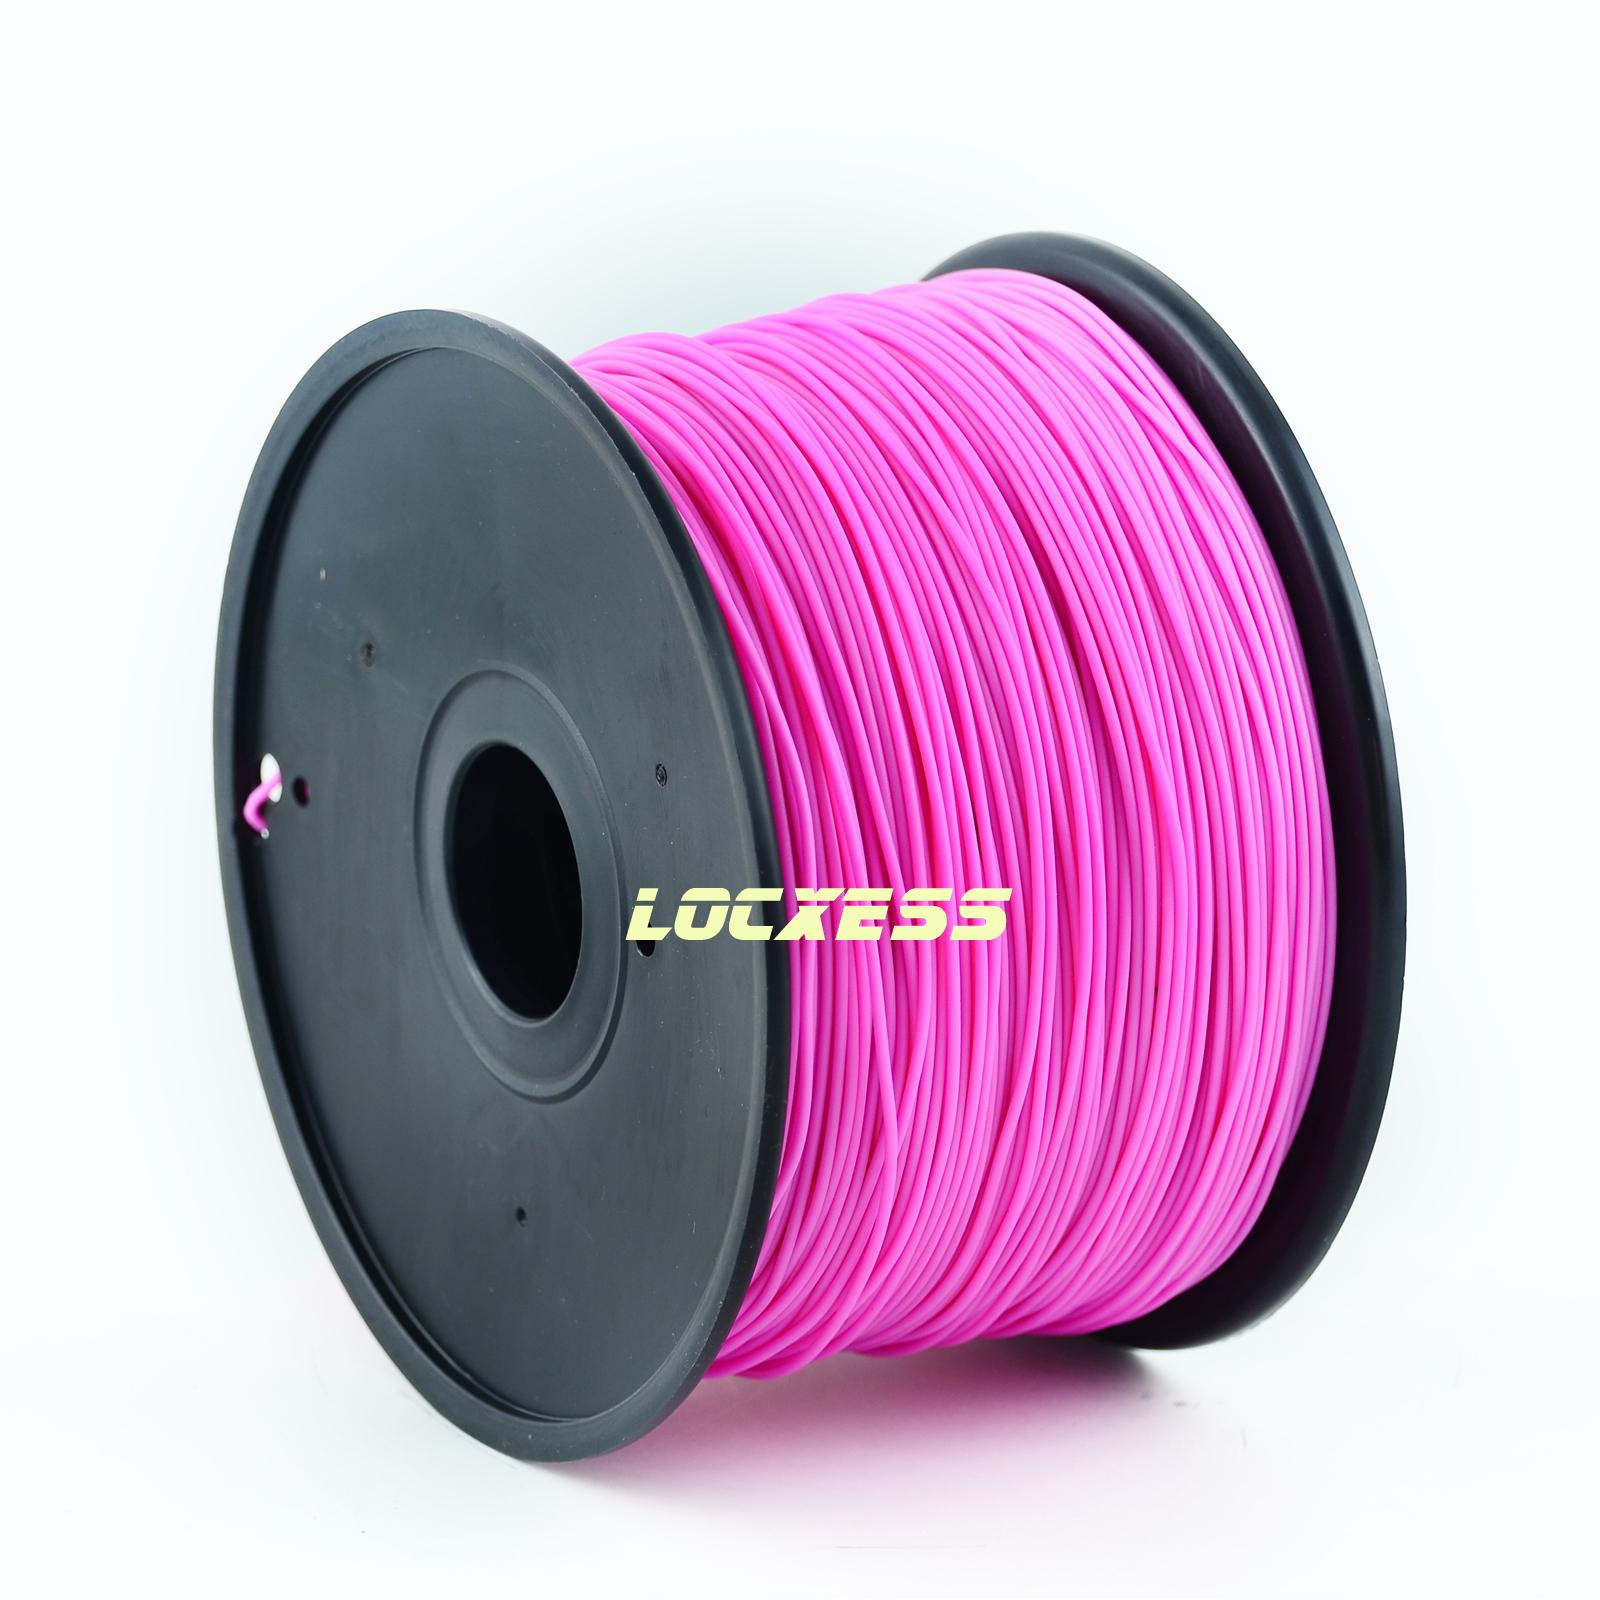 locxess trading abs filament 1 75 mm 1kg magenta 3d drucker reprap prusa makerbot mendel. Black Bedroom Furniture Sets. Home Design Ideas